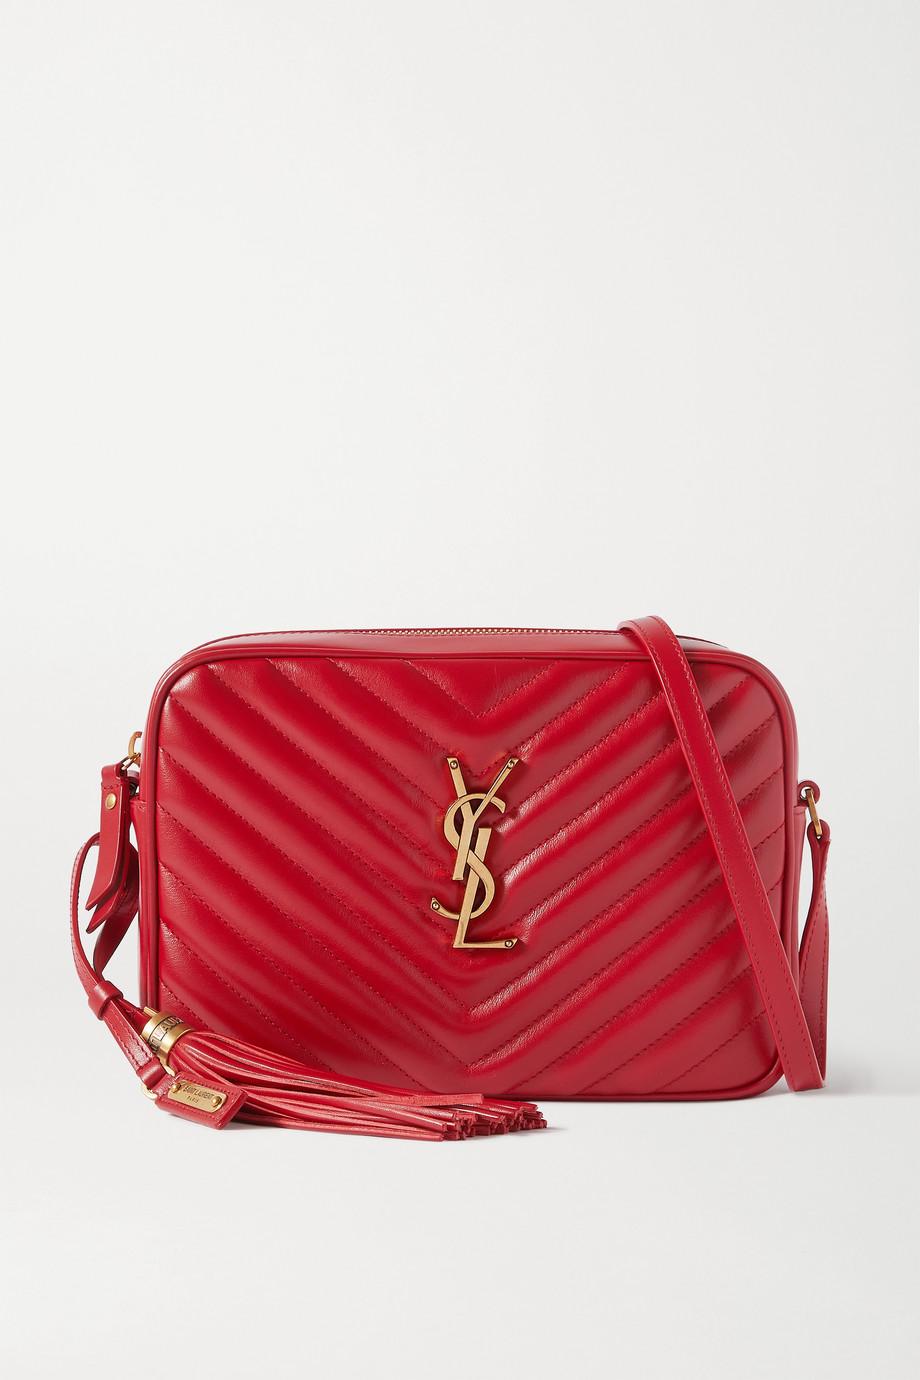 생 로랑 루 카메라백 - 레드 Saint Laurent Lou medium quilted leather shoulder bag,Red